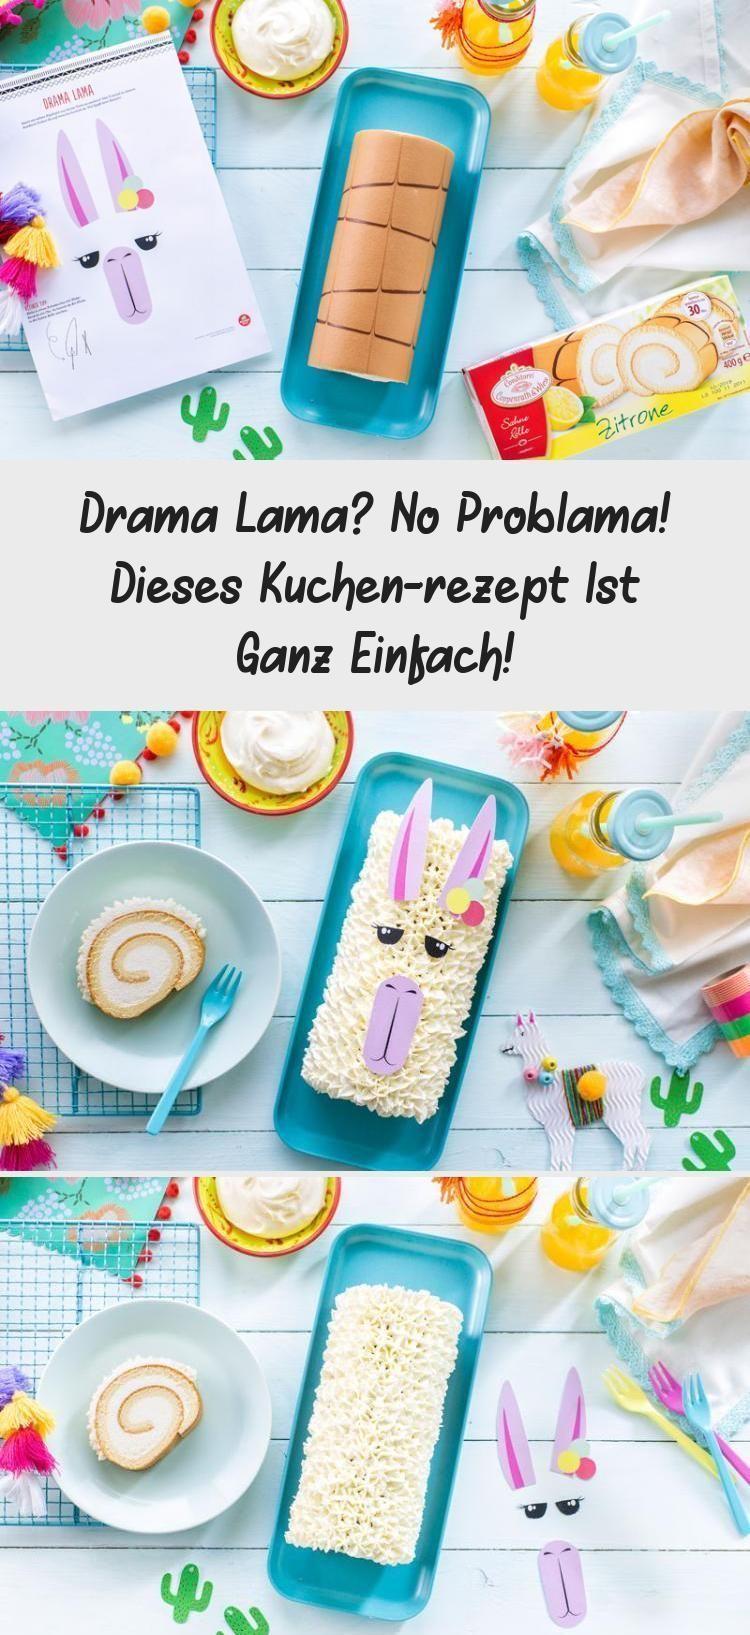 Photo of Drama Lama? No Problama! Dieses Kuchen-Rezept ist ganz einfach! 16 #PinataKuchen…